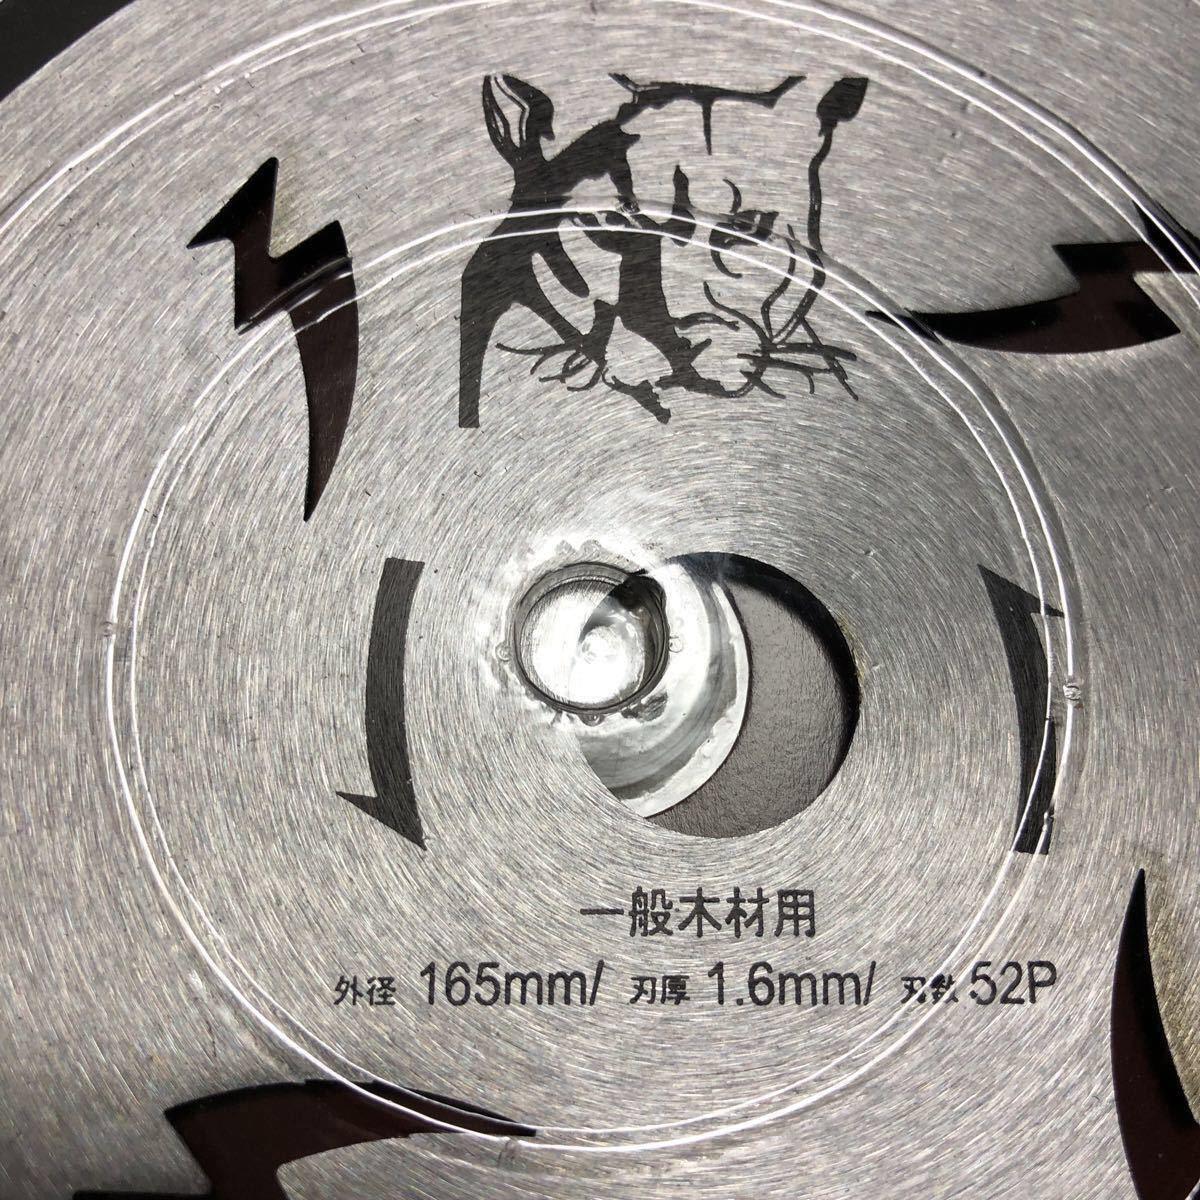 【新品・未使用】マキタ MAKITA 165mm 電気マルノコ 5637BAsp LEDライト 通電ランプ 二重絶縁 ブレーキ付 5637BA 丸のこ 丸ノコ 木材用刃付_画像6